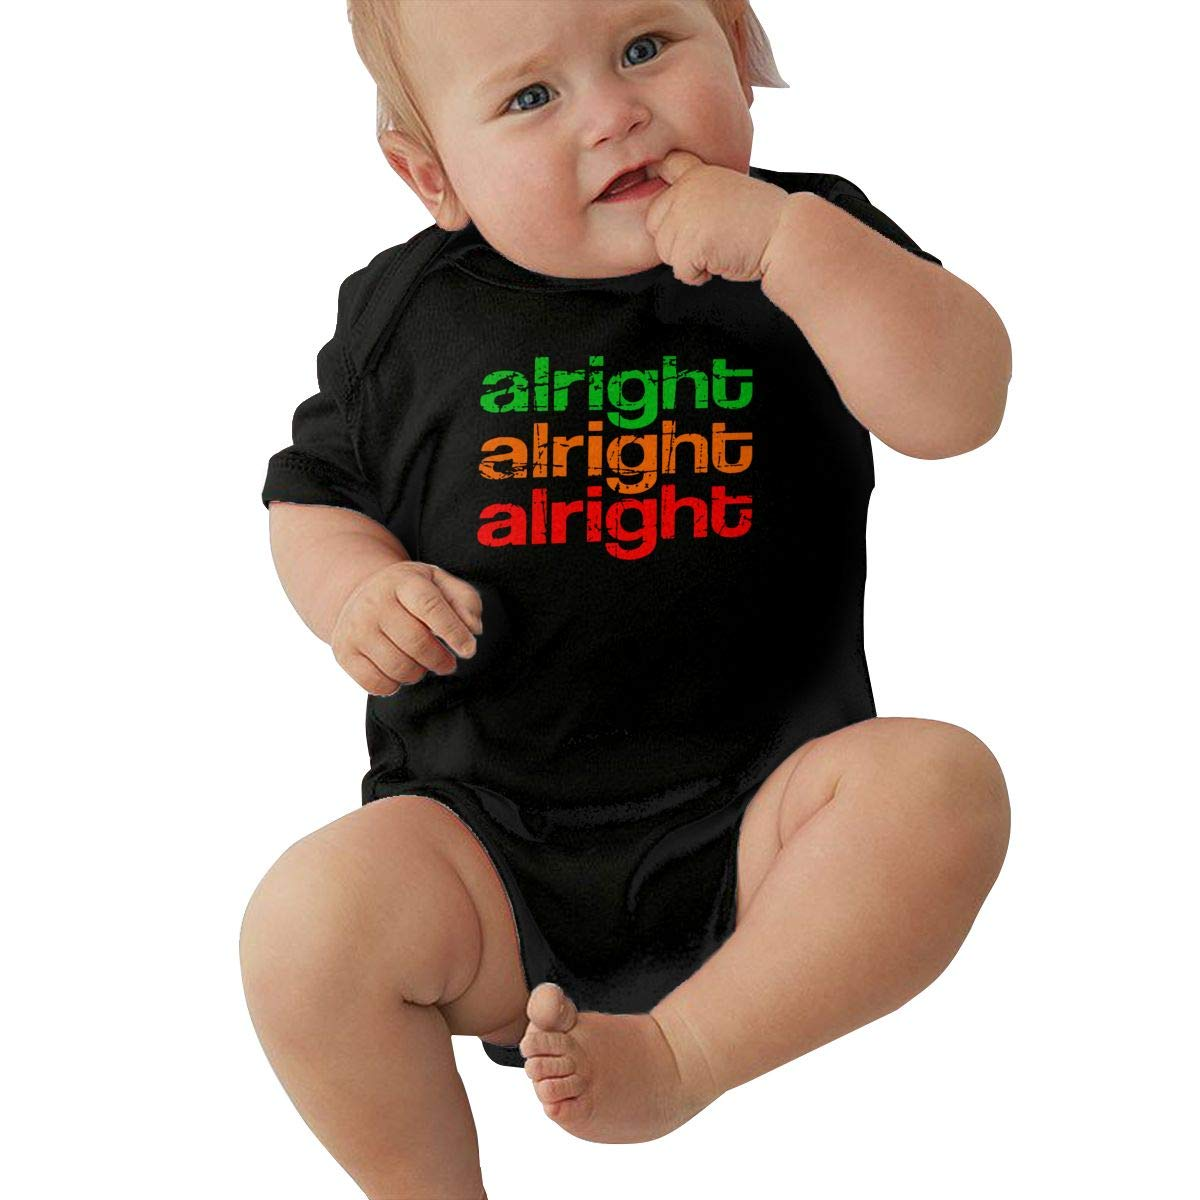 JJKKFG-H Retro Alright Cute Summer Baby Infant Girls /& Oys Short Sleeve Romper Jumpsuit Bodysuit Shirt